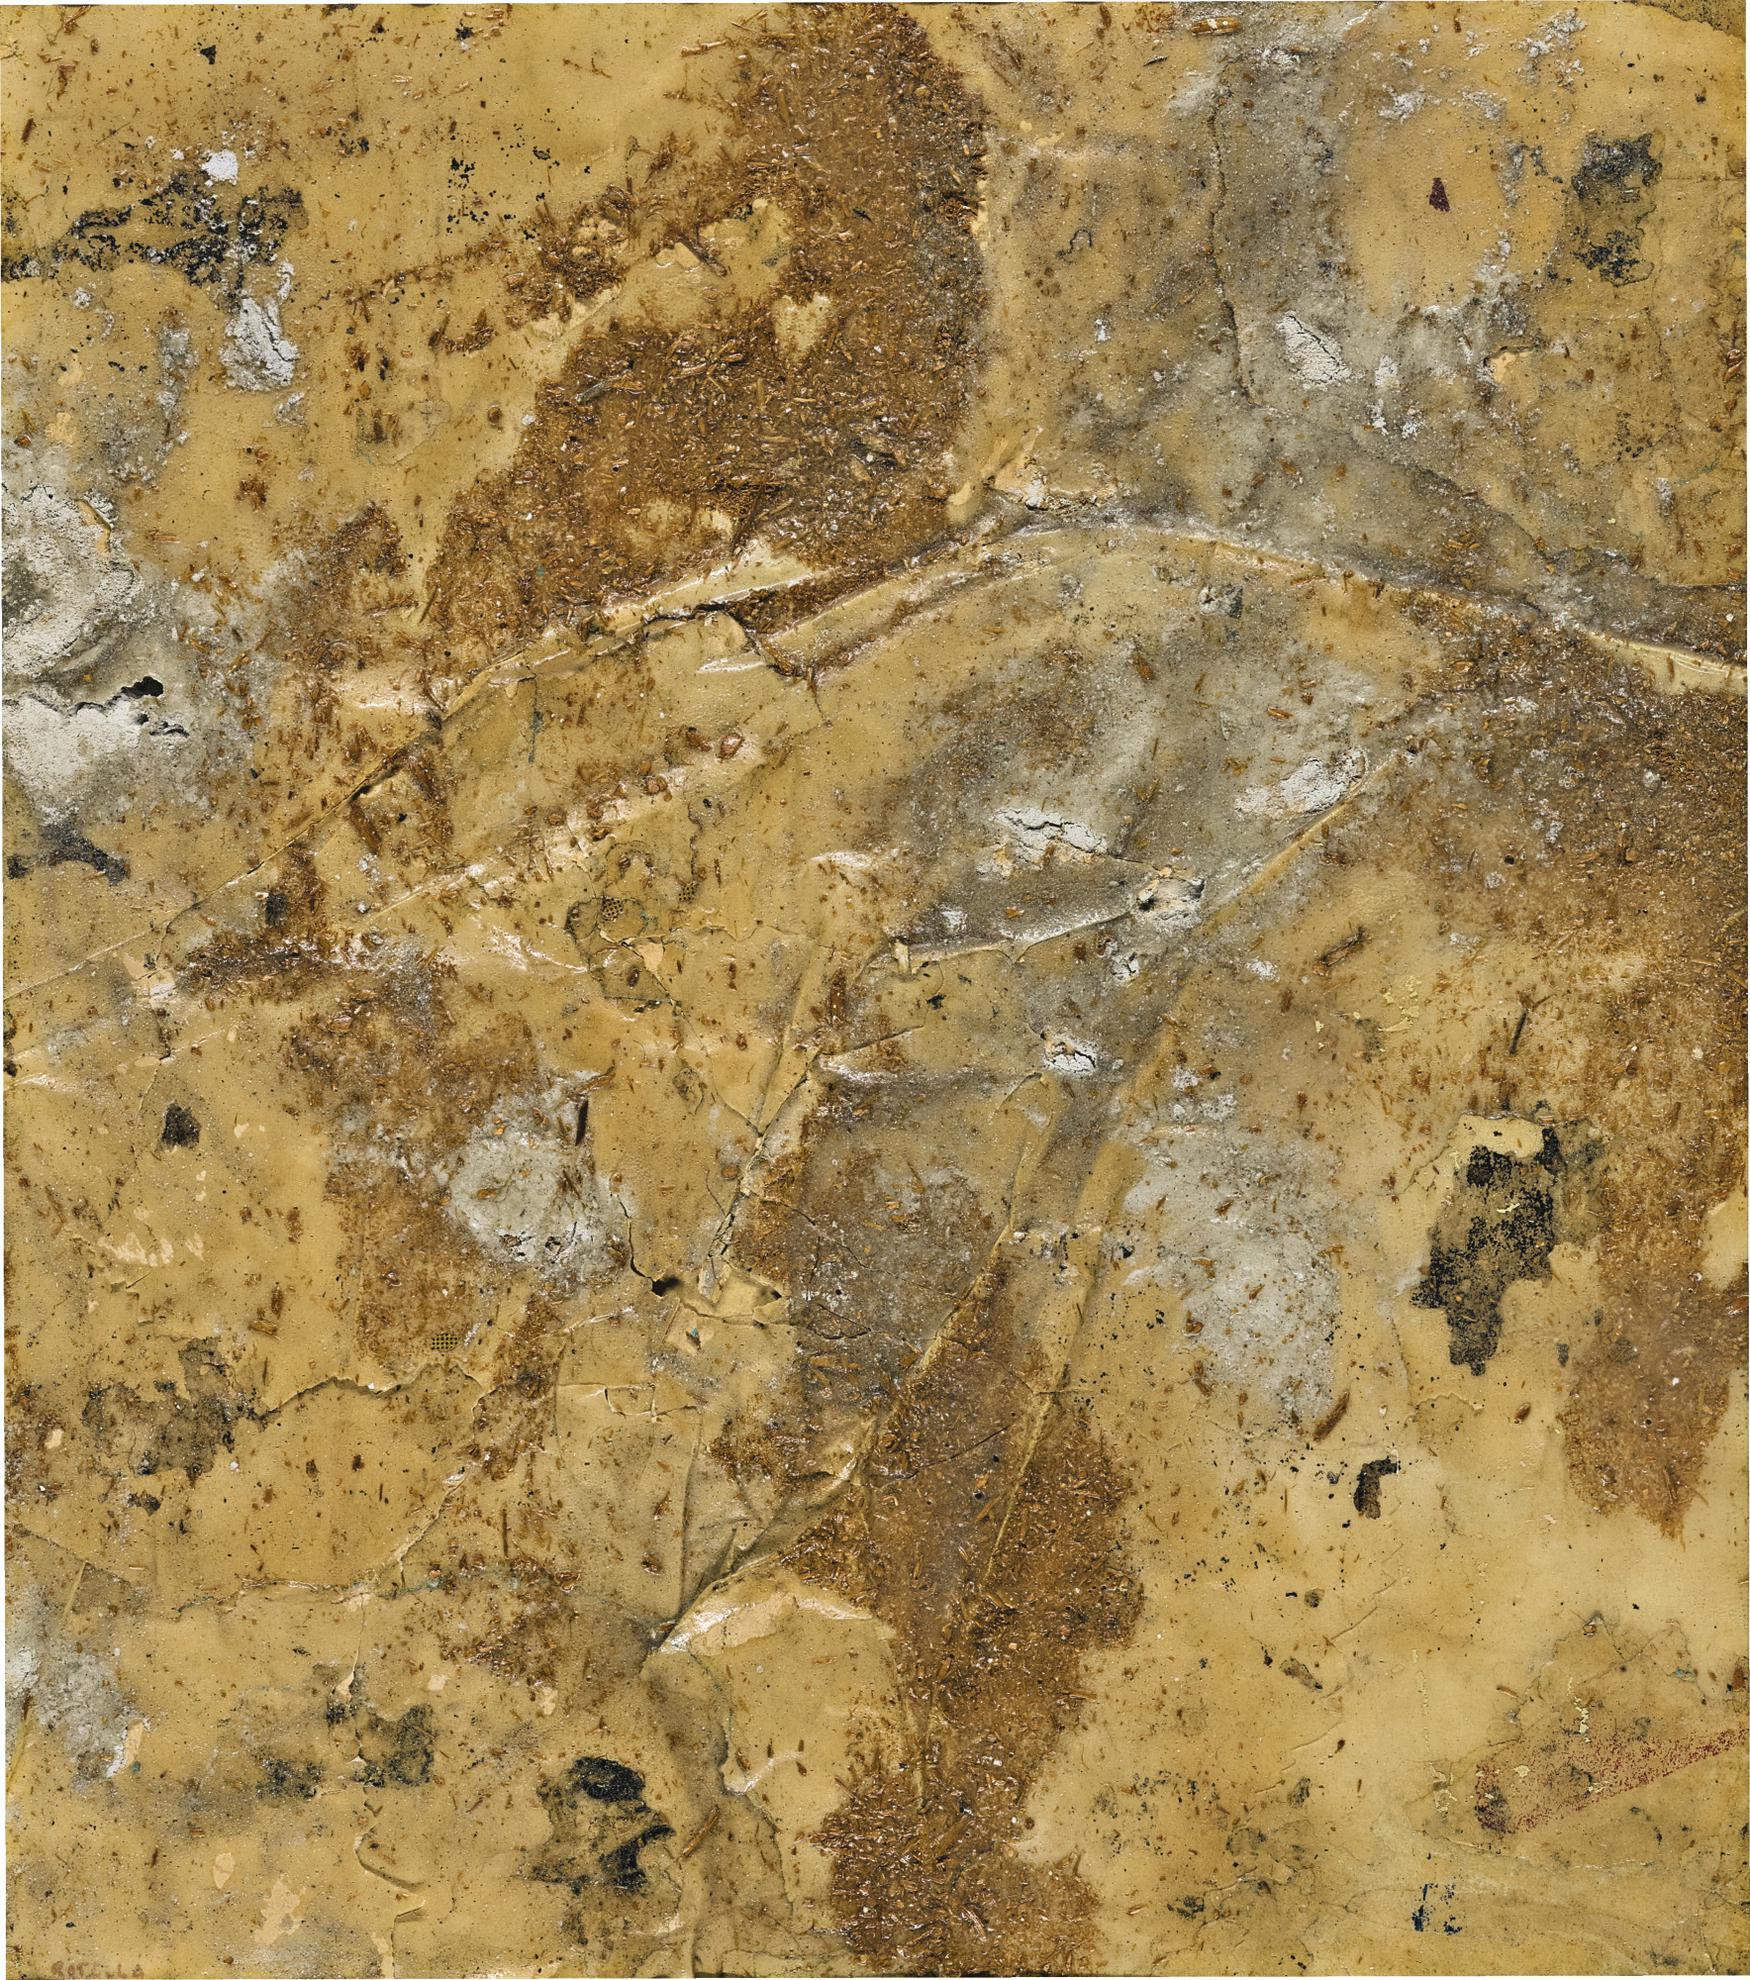 Mimmo Rotella-Materia Viva (Collage N. 9)-1956